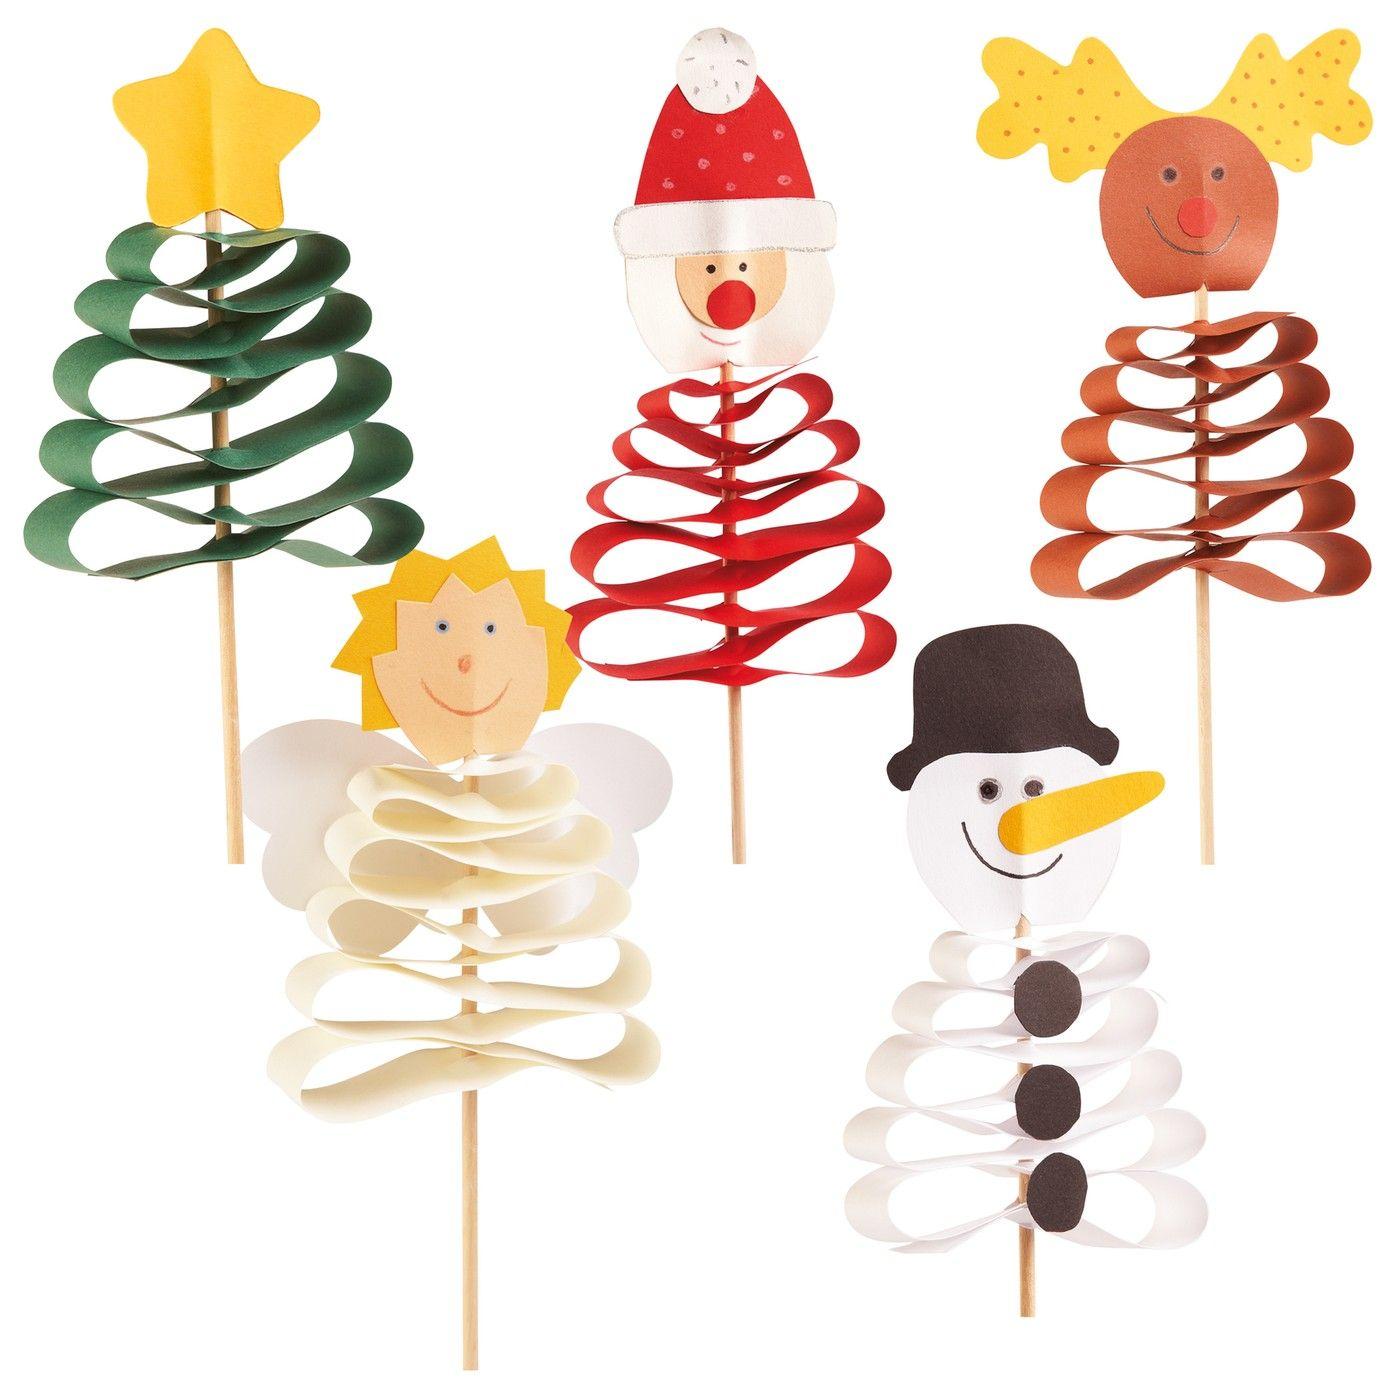 Sachenmacher Wellenfiguren Weihnachten Bastelset Für 5 Stück Ho